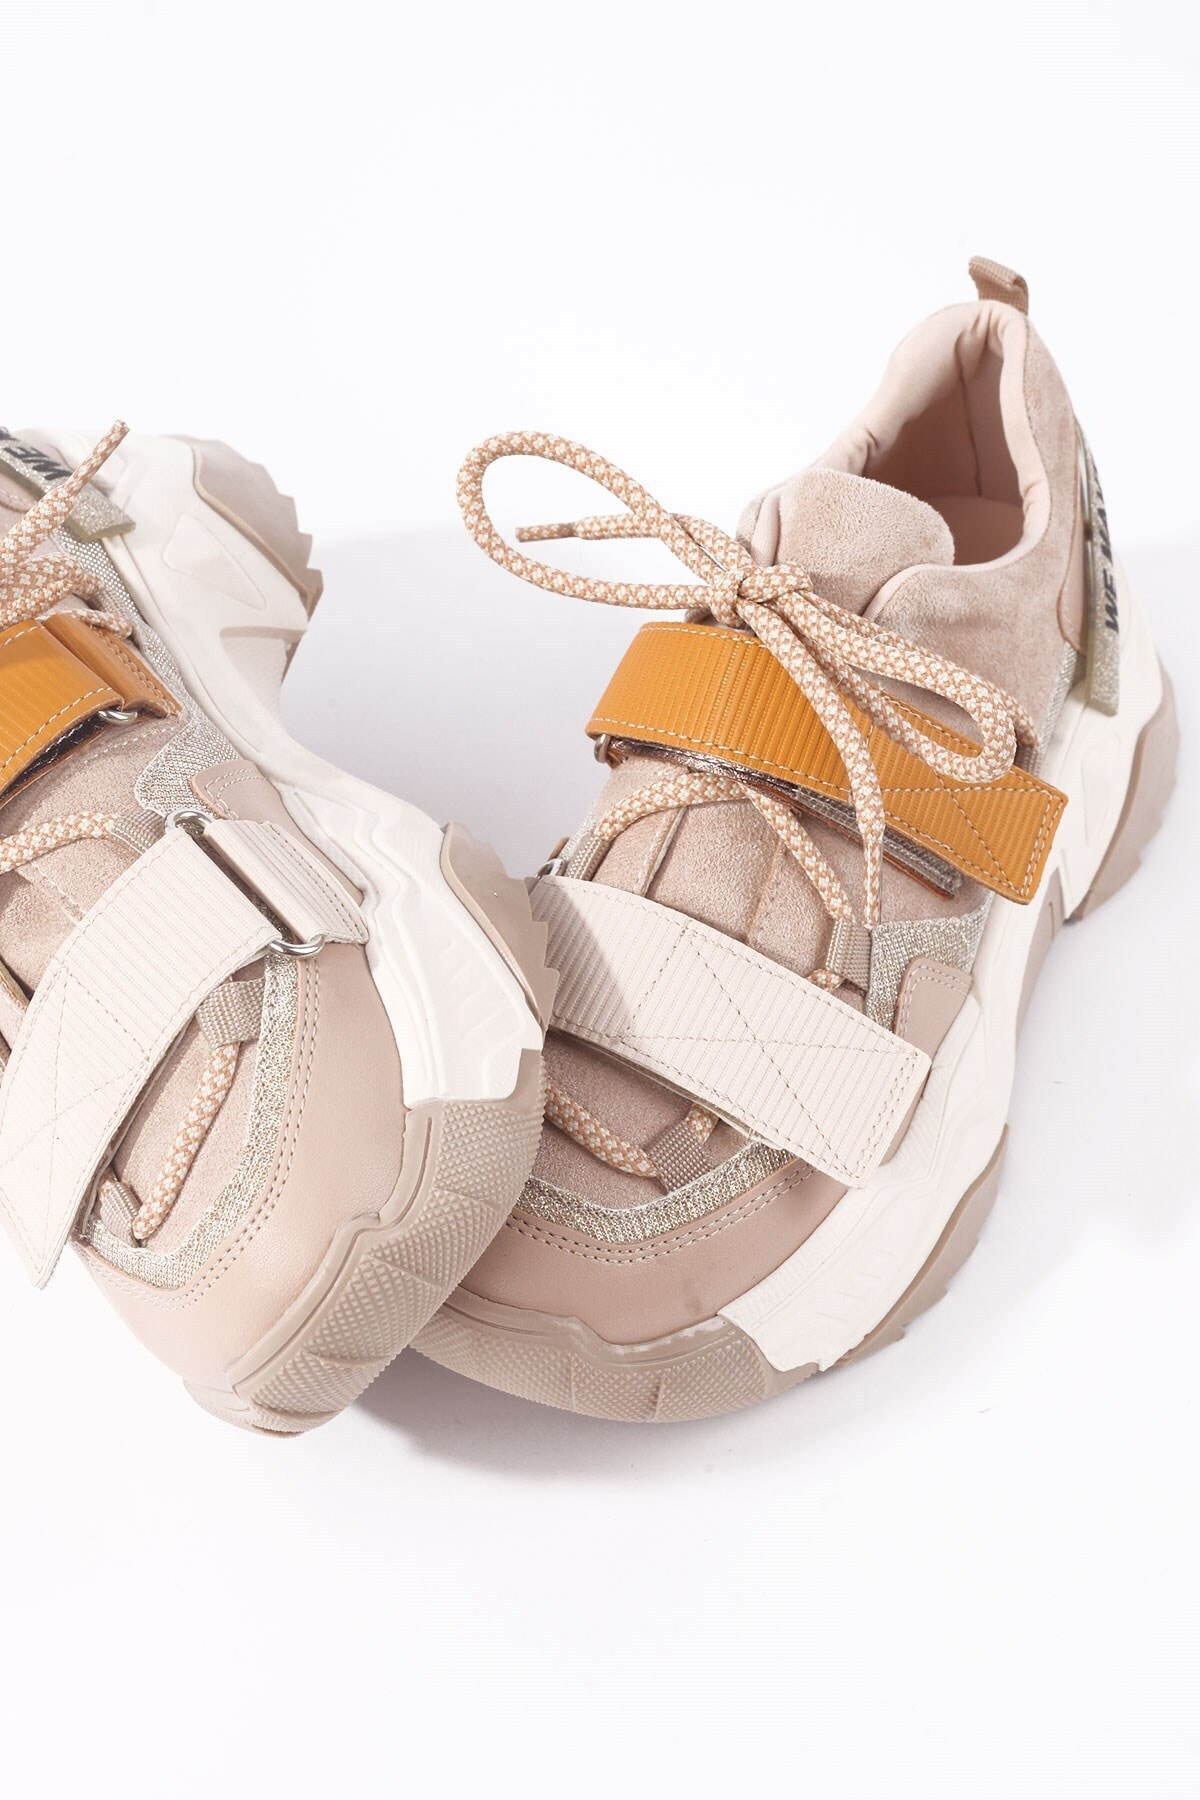 65140 Kadın Spor Ayakkabı Bej Hardal Multi